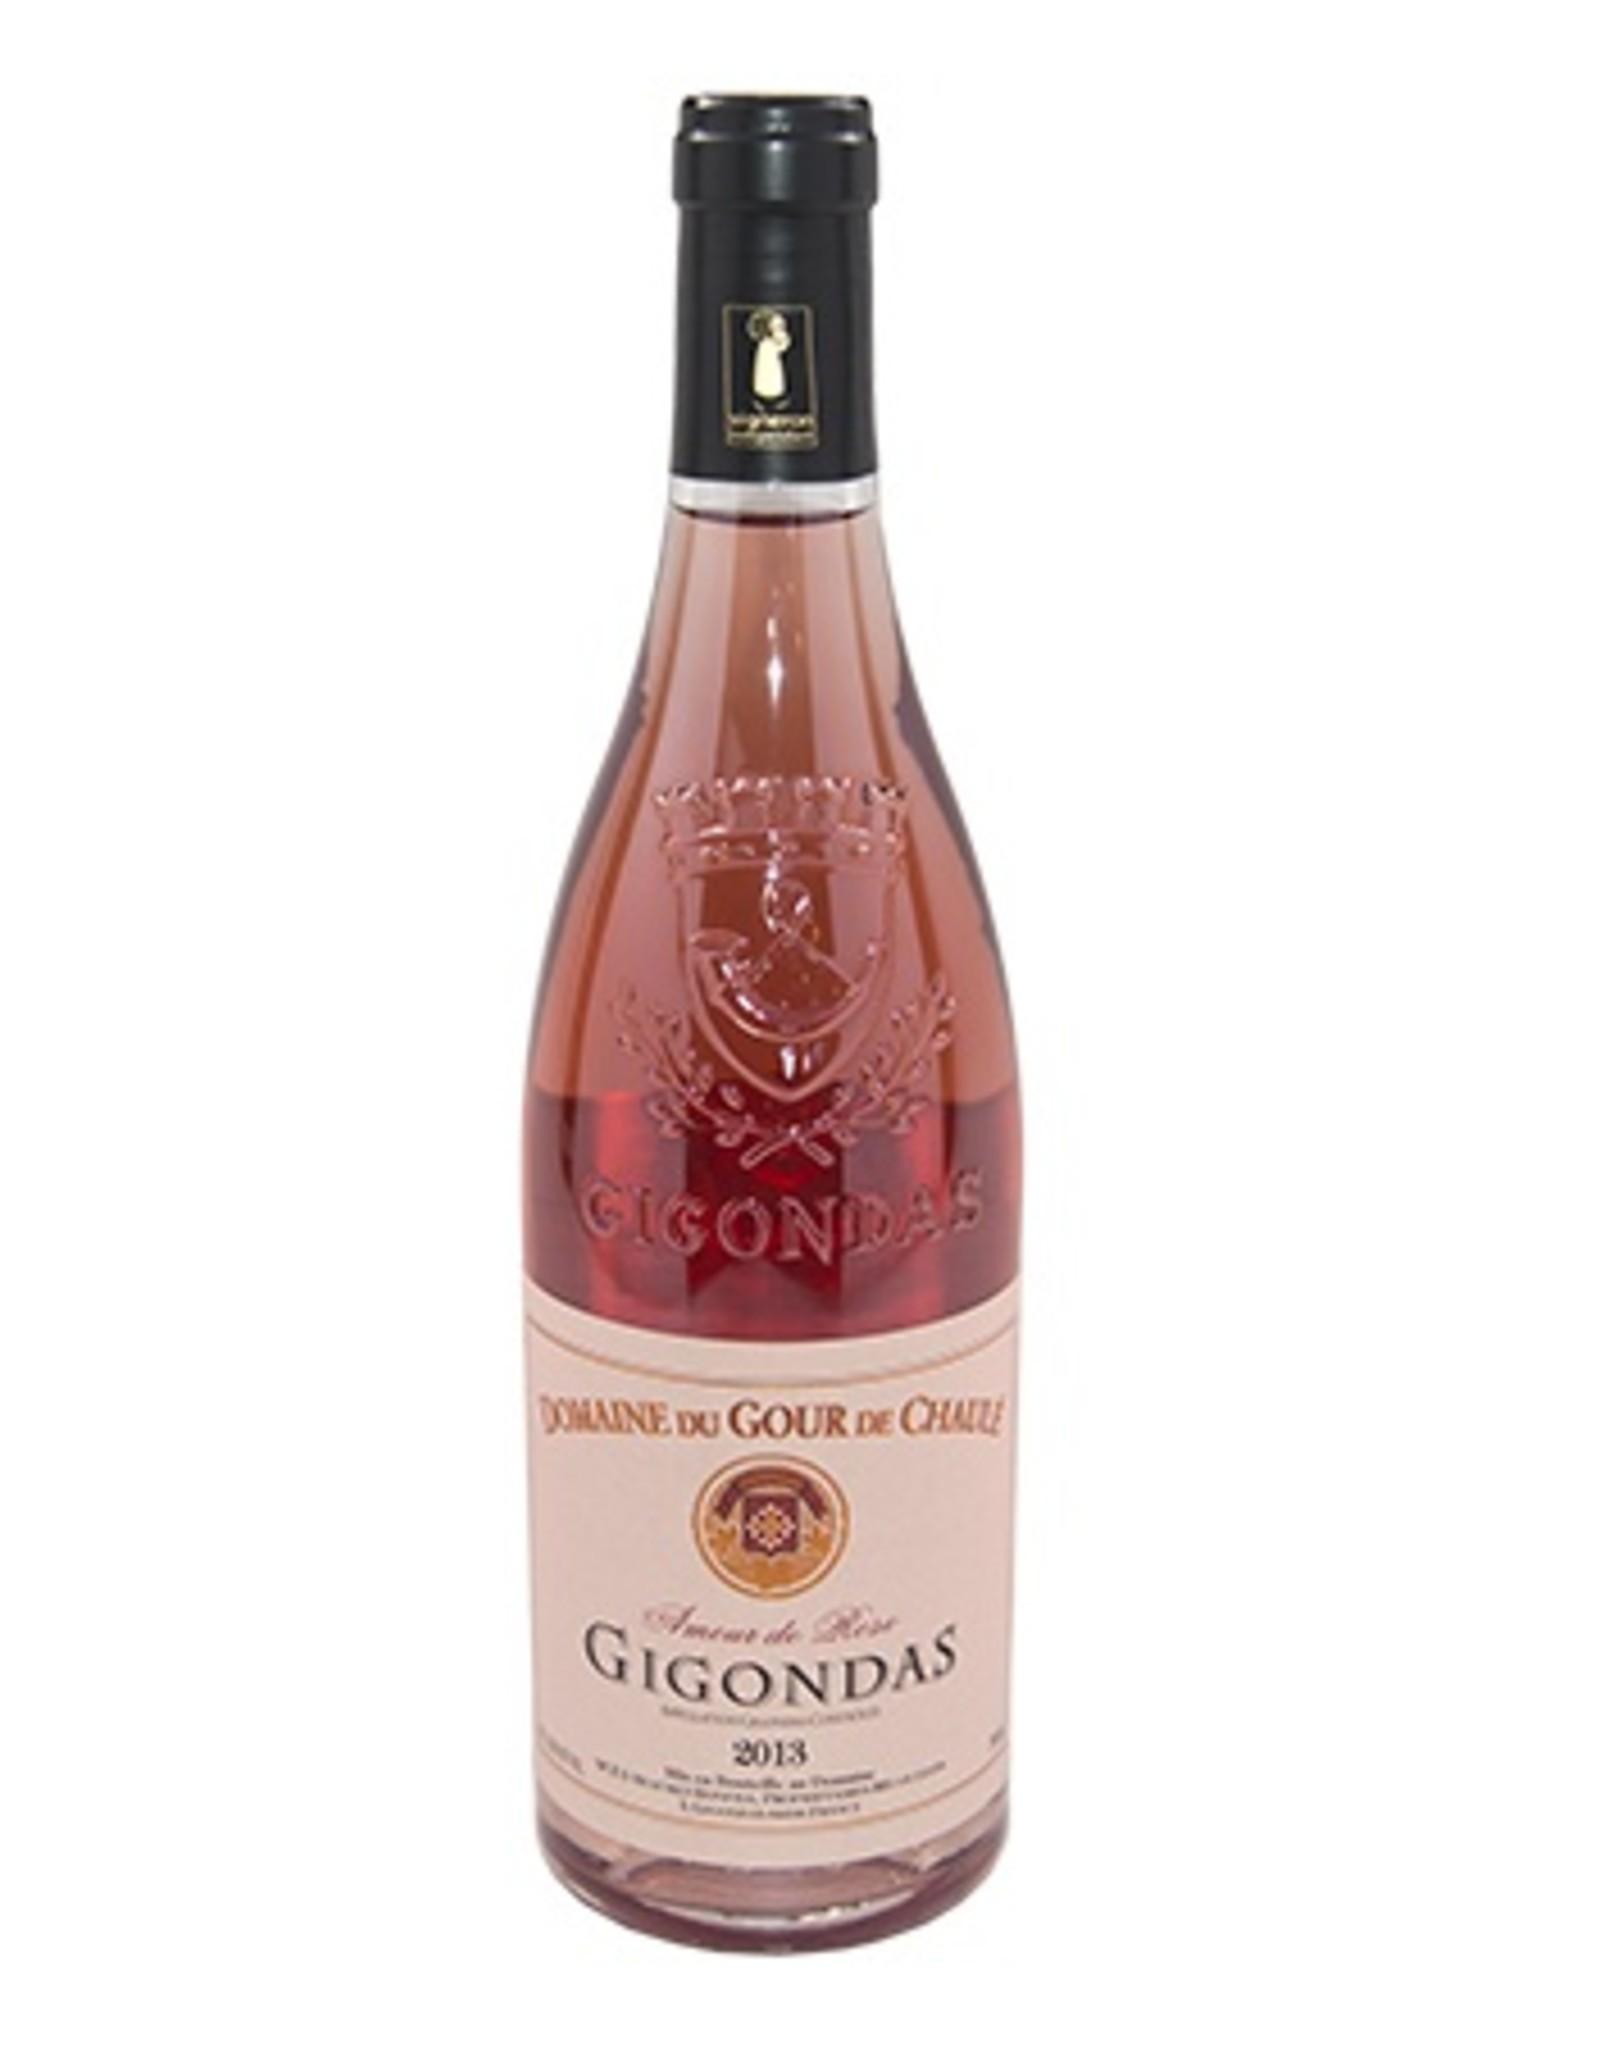 Domaine de Gour de Chaule Amour de Rose Gigondas 2019 (Pre Arrival)